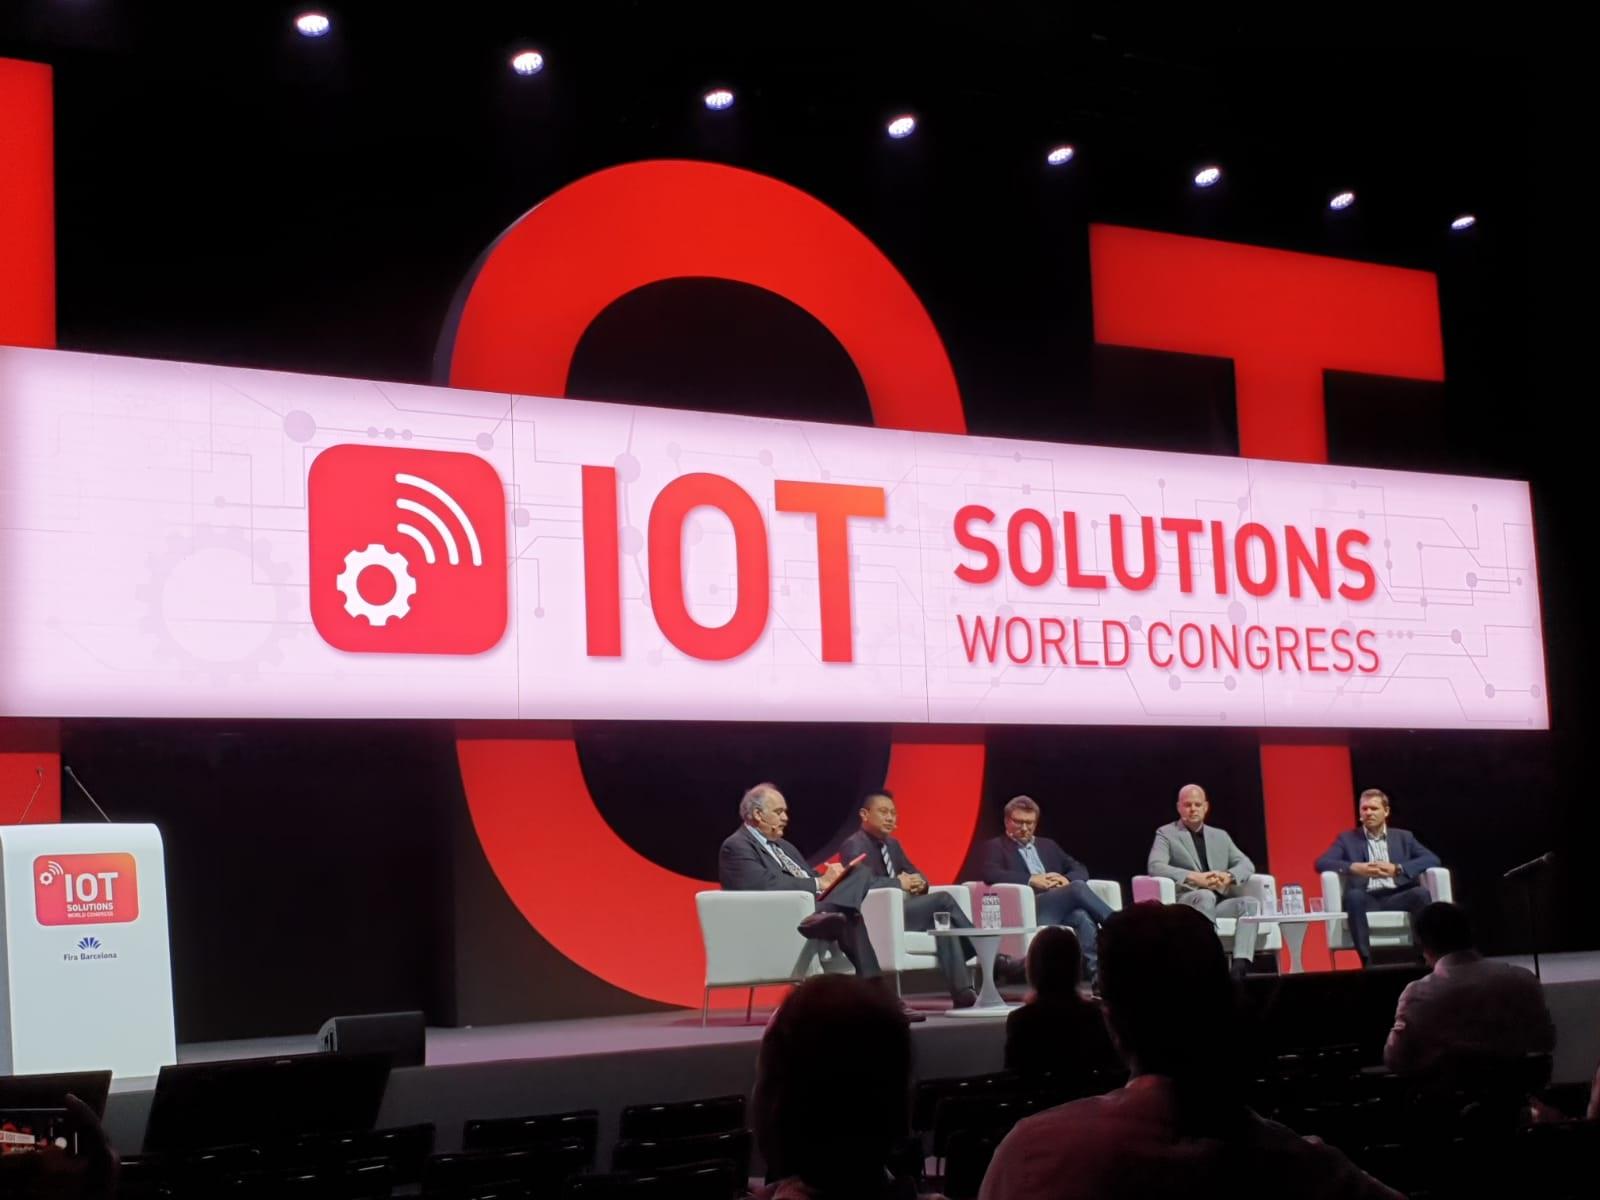 Intensas -Iot World Congress Barcelona